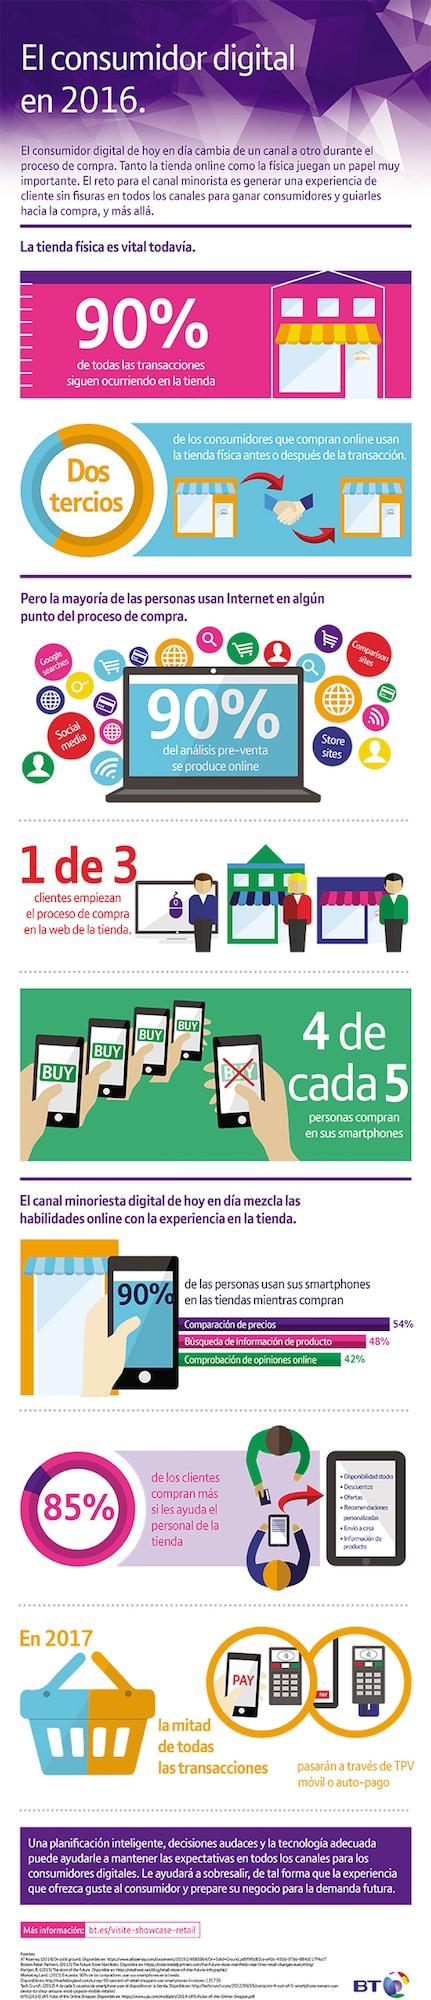 Cómo es el consumidor digital